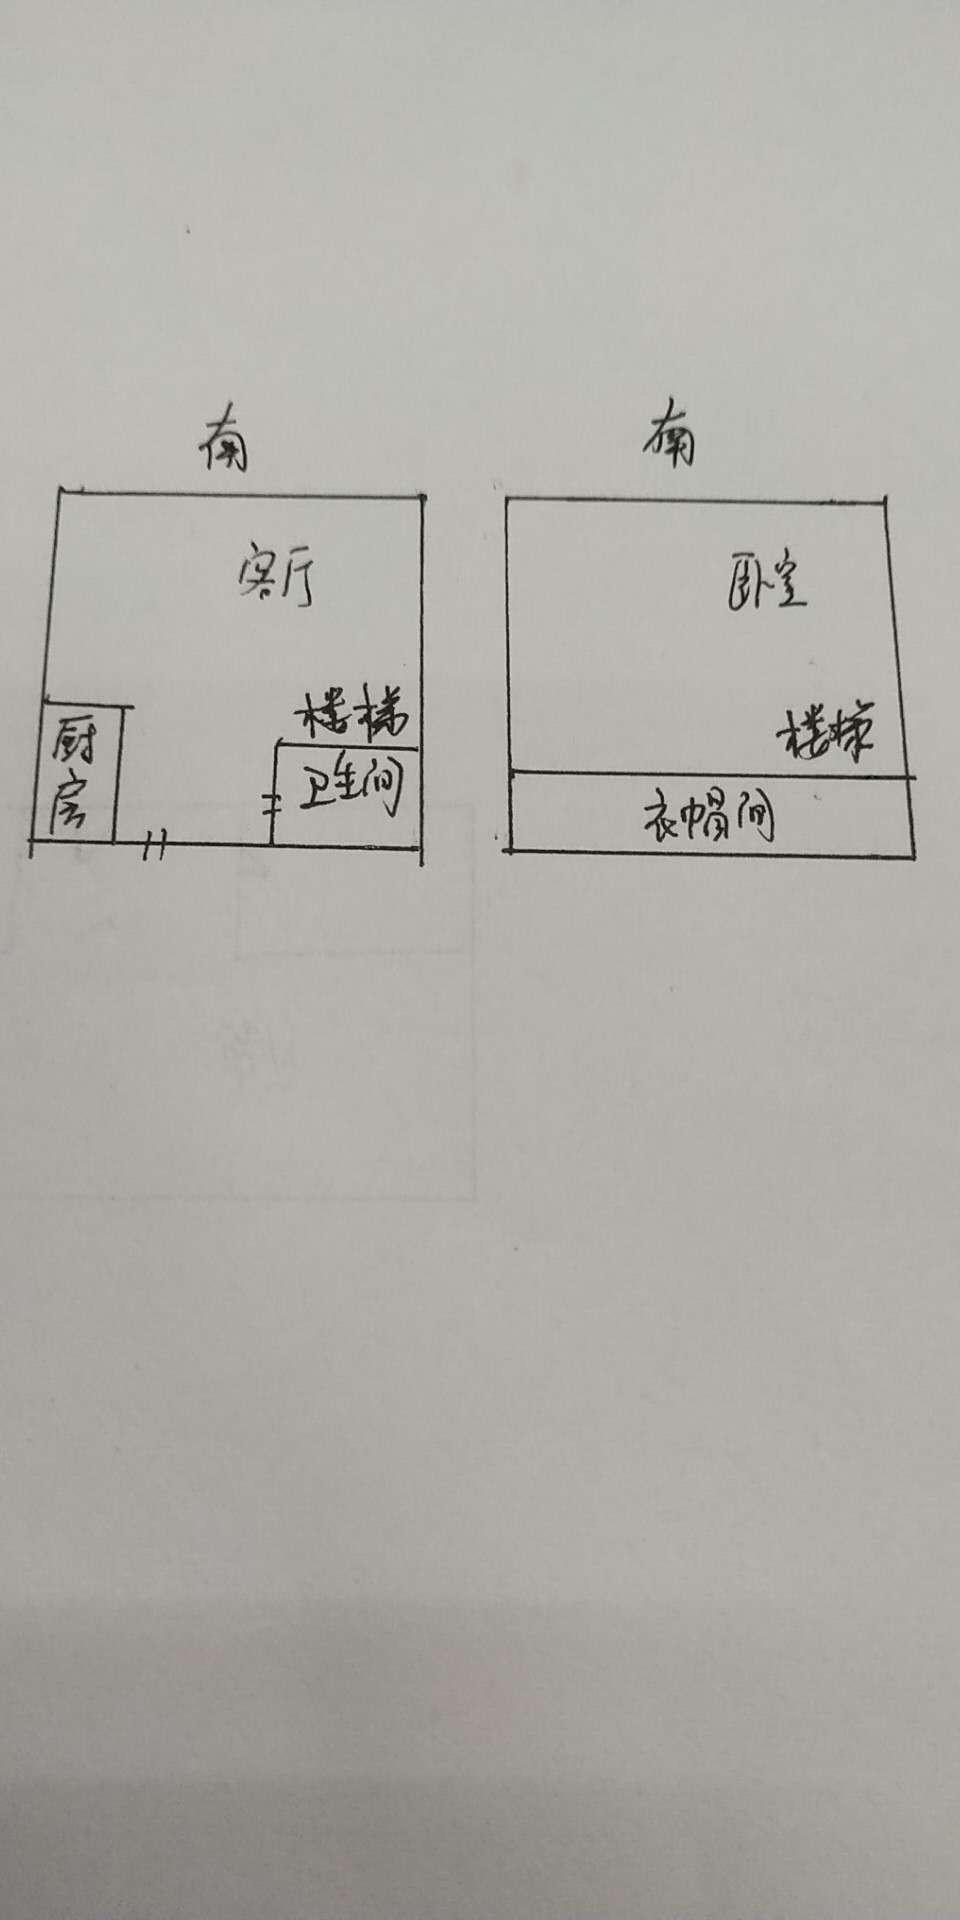 唐人D区(公寓)LOFT 1室1厅 13楼